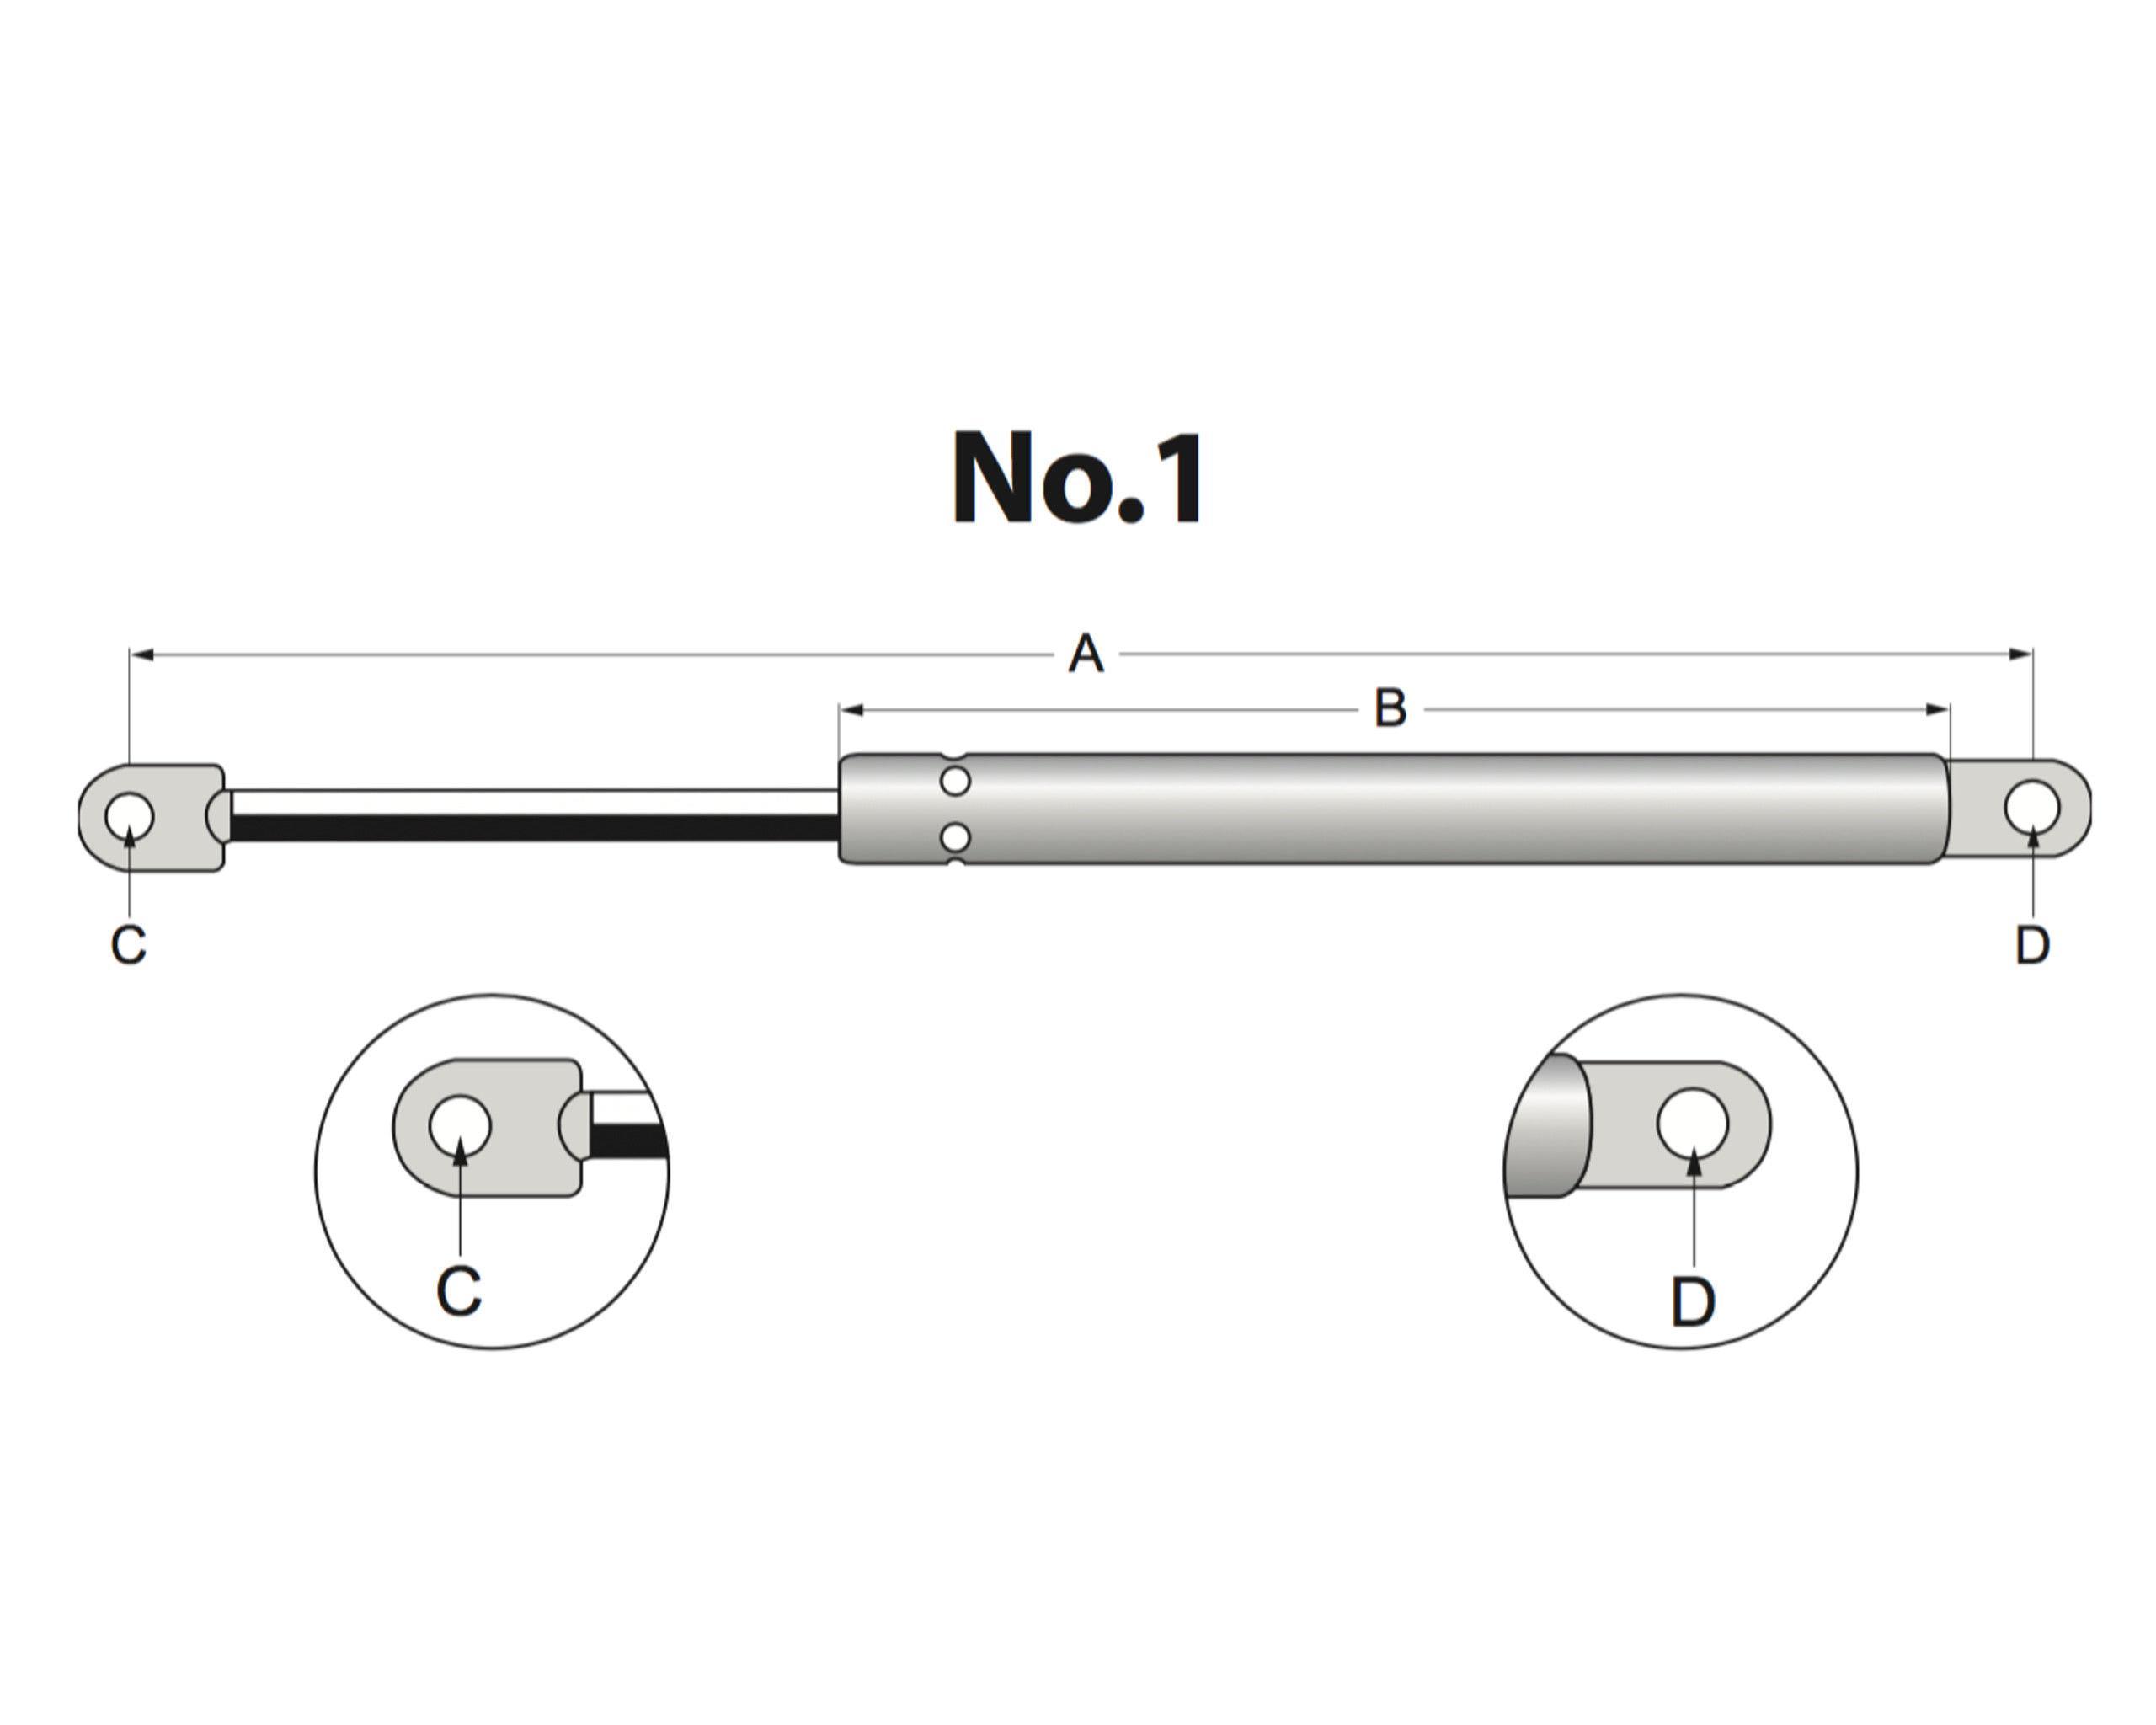 Газлифт газовая пружина амортизатор для окон витрин стекла vamnado